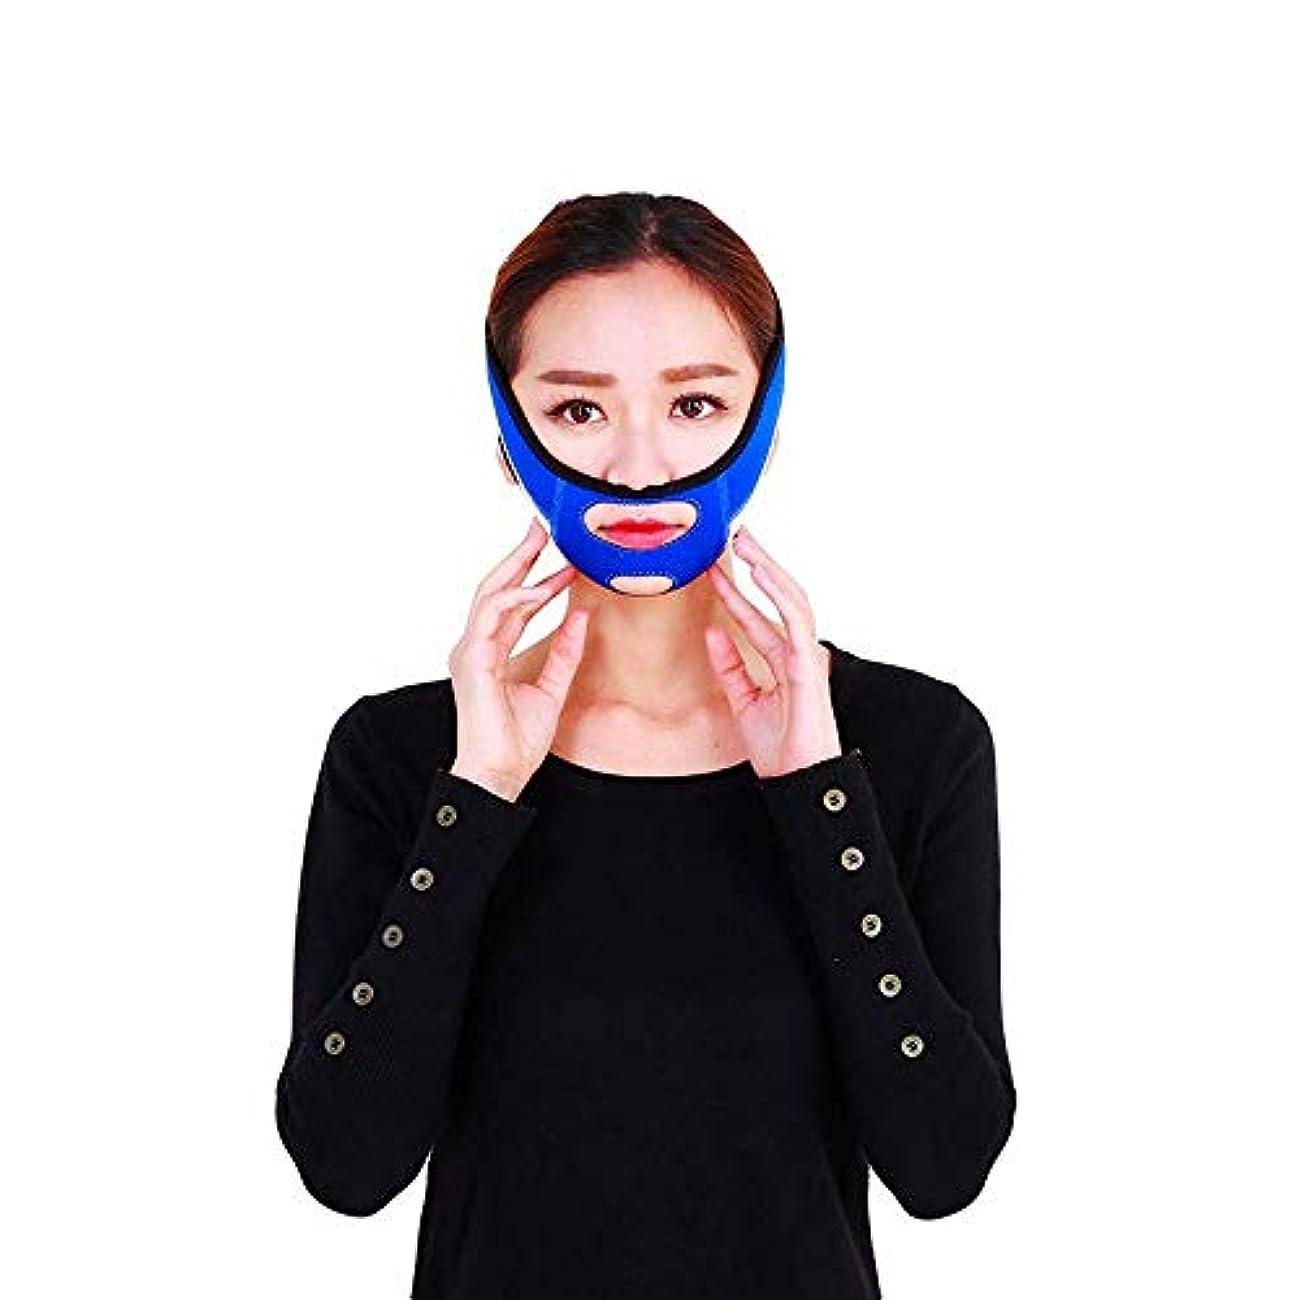 チャンス腐った正統派二重顎顔面矯正ツールであるフェースシェイプドマスクVfaceアーチファクトを強力に強化する包帯